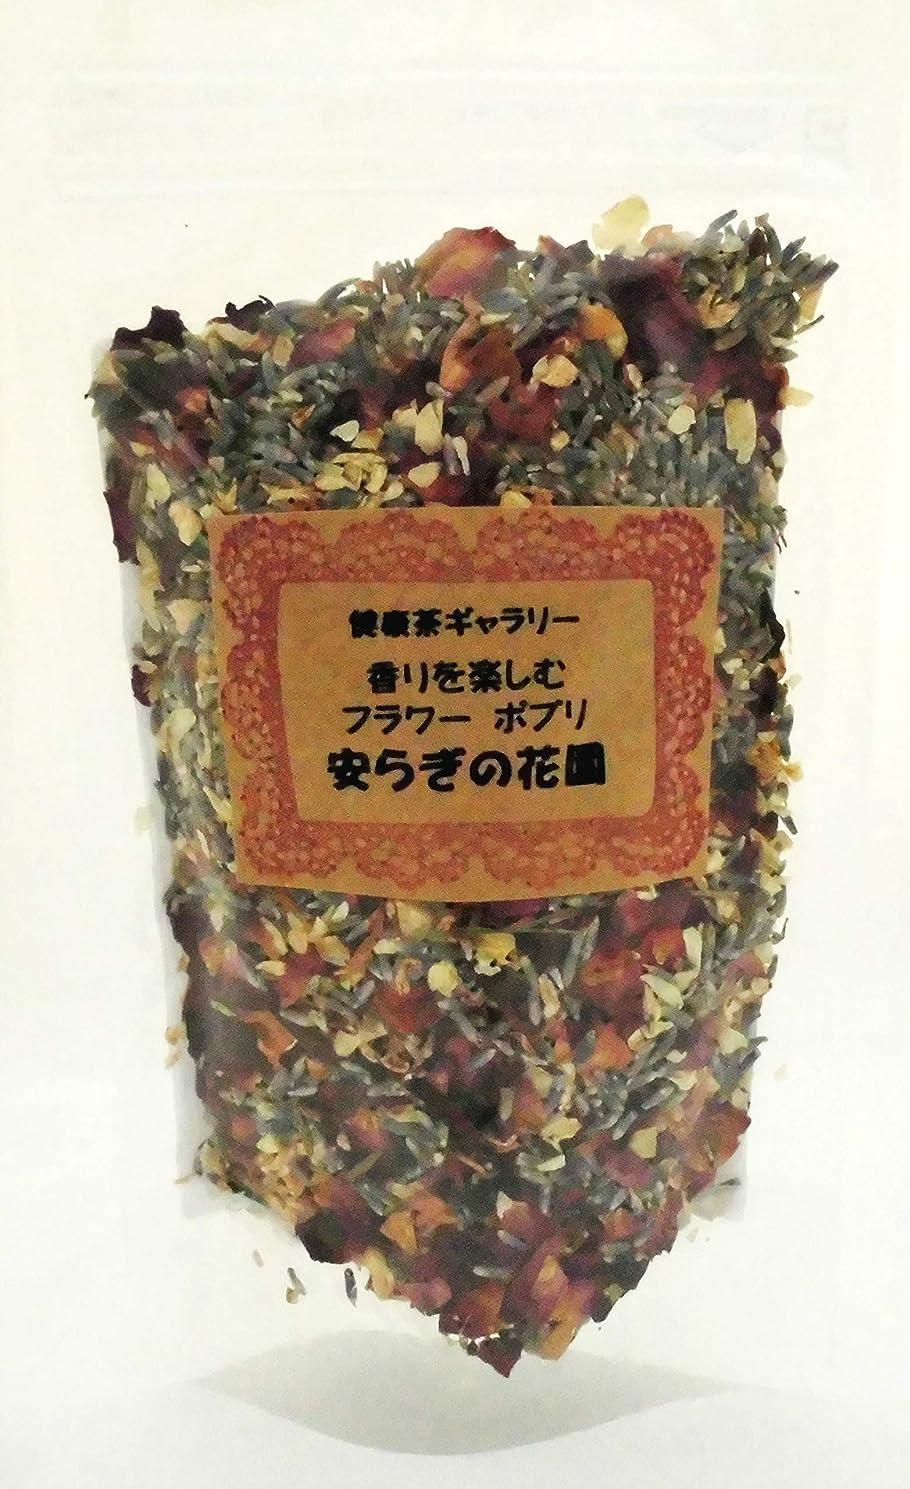 不誠実生産的浪費フラワー ポプリ【安らぎの花園】 (30g)【郵便対応サイズ】【ラベンダー ローズ ジャスミン の 香り】